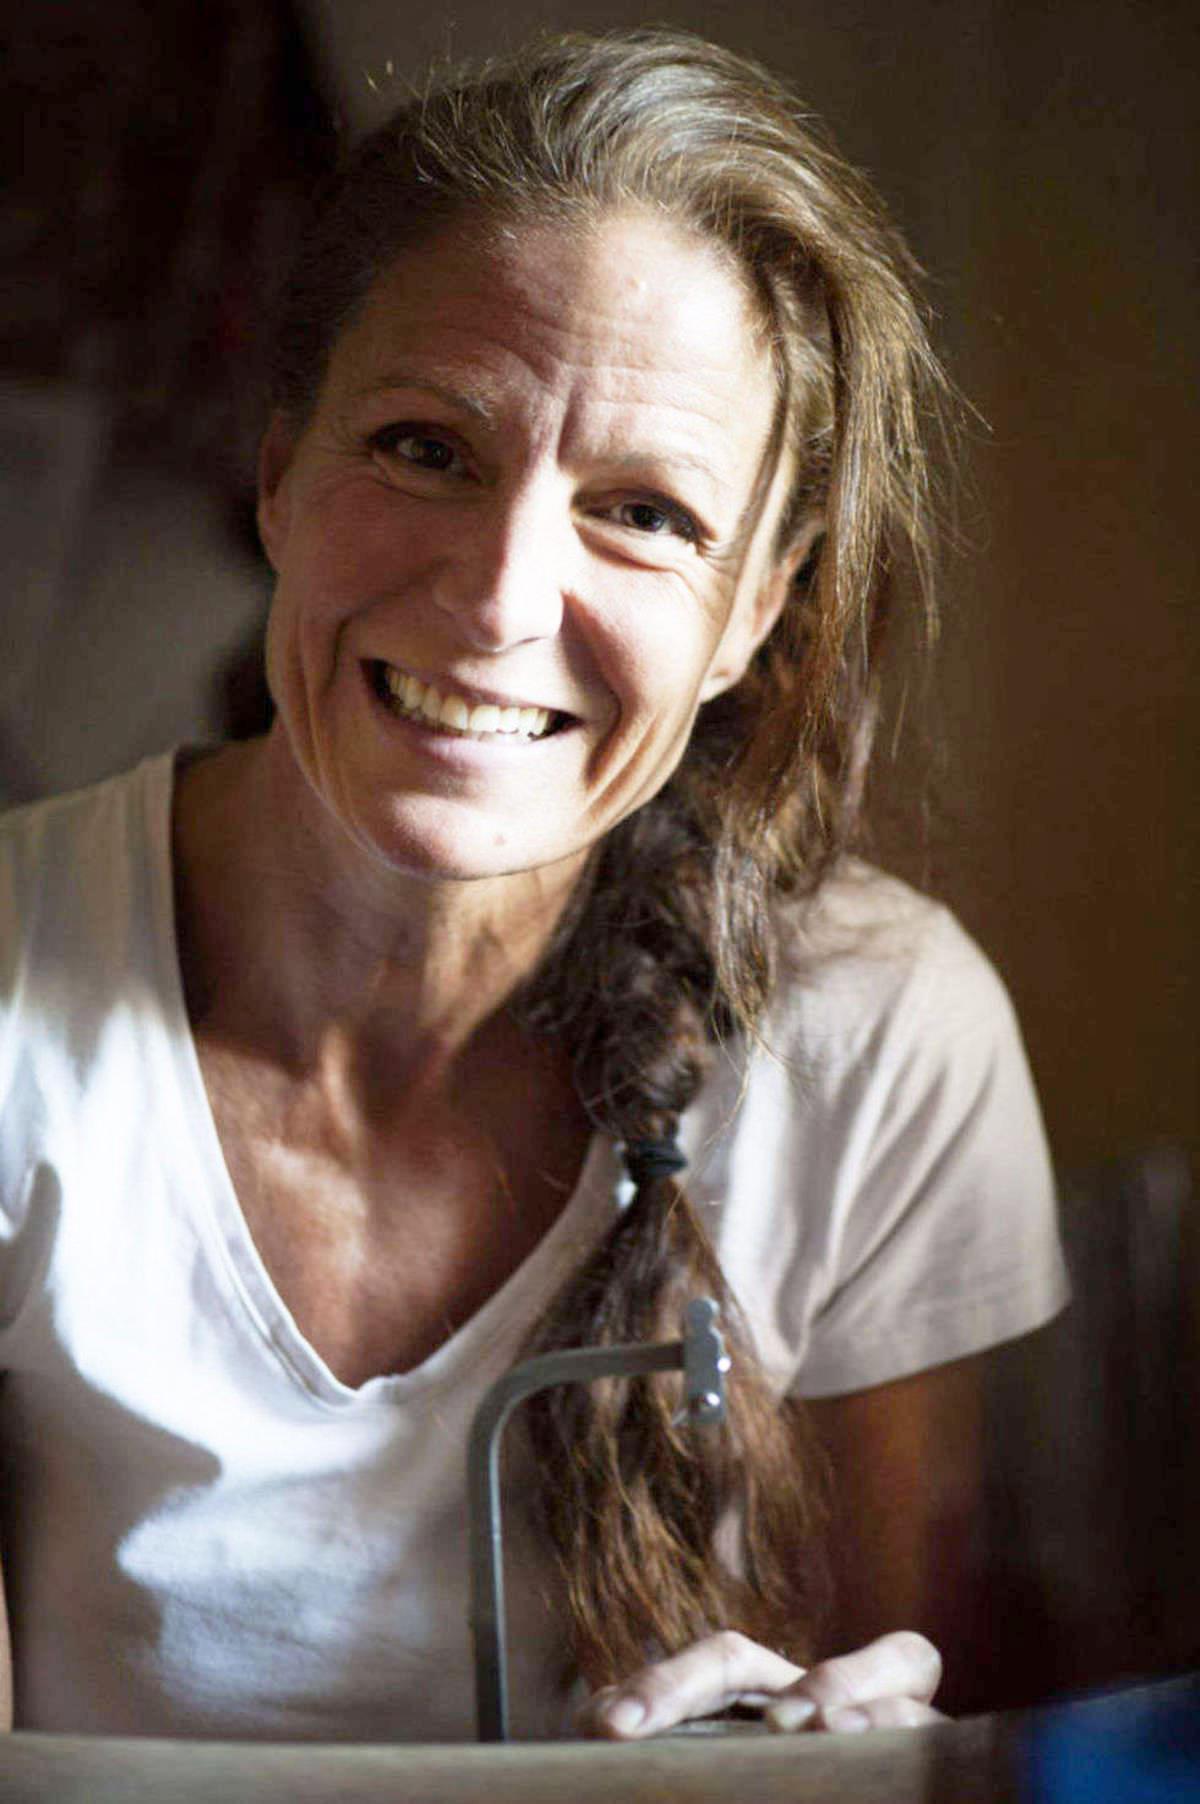 Sara O. Roth